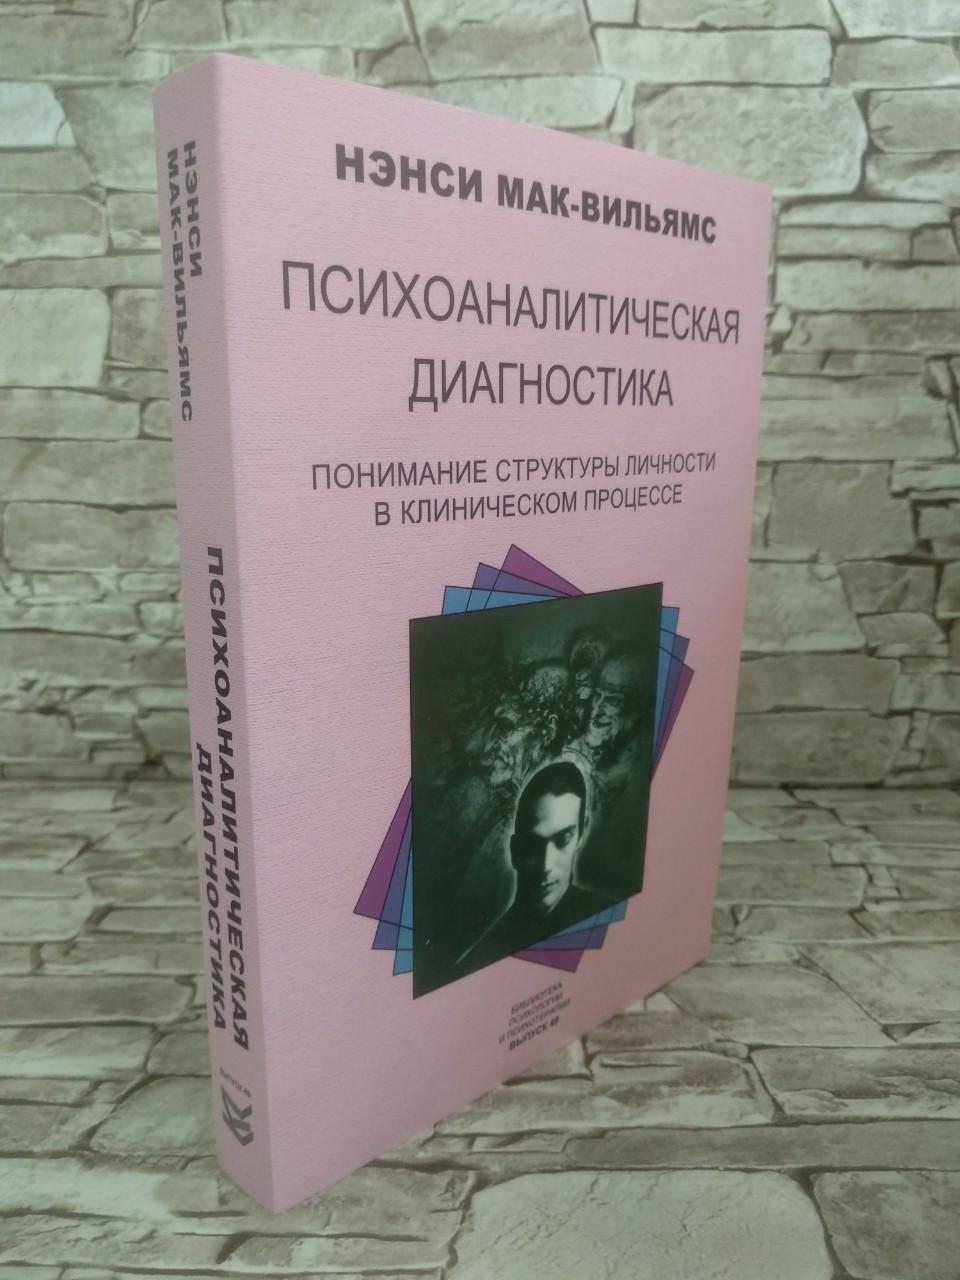 """Книга """"Психоаналітична діагностика. Розуміння структури особистості в клінічному процесі"""" Ненсі Мак-Вільямс"""